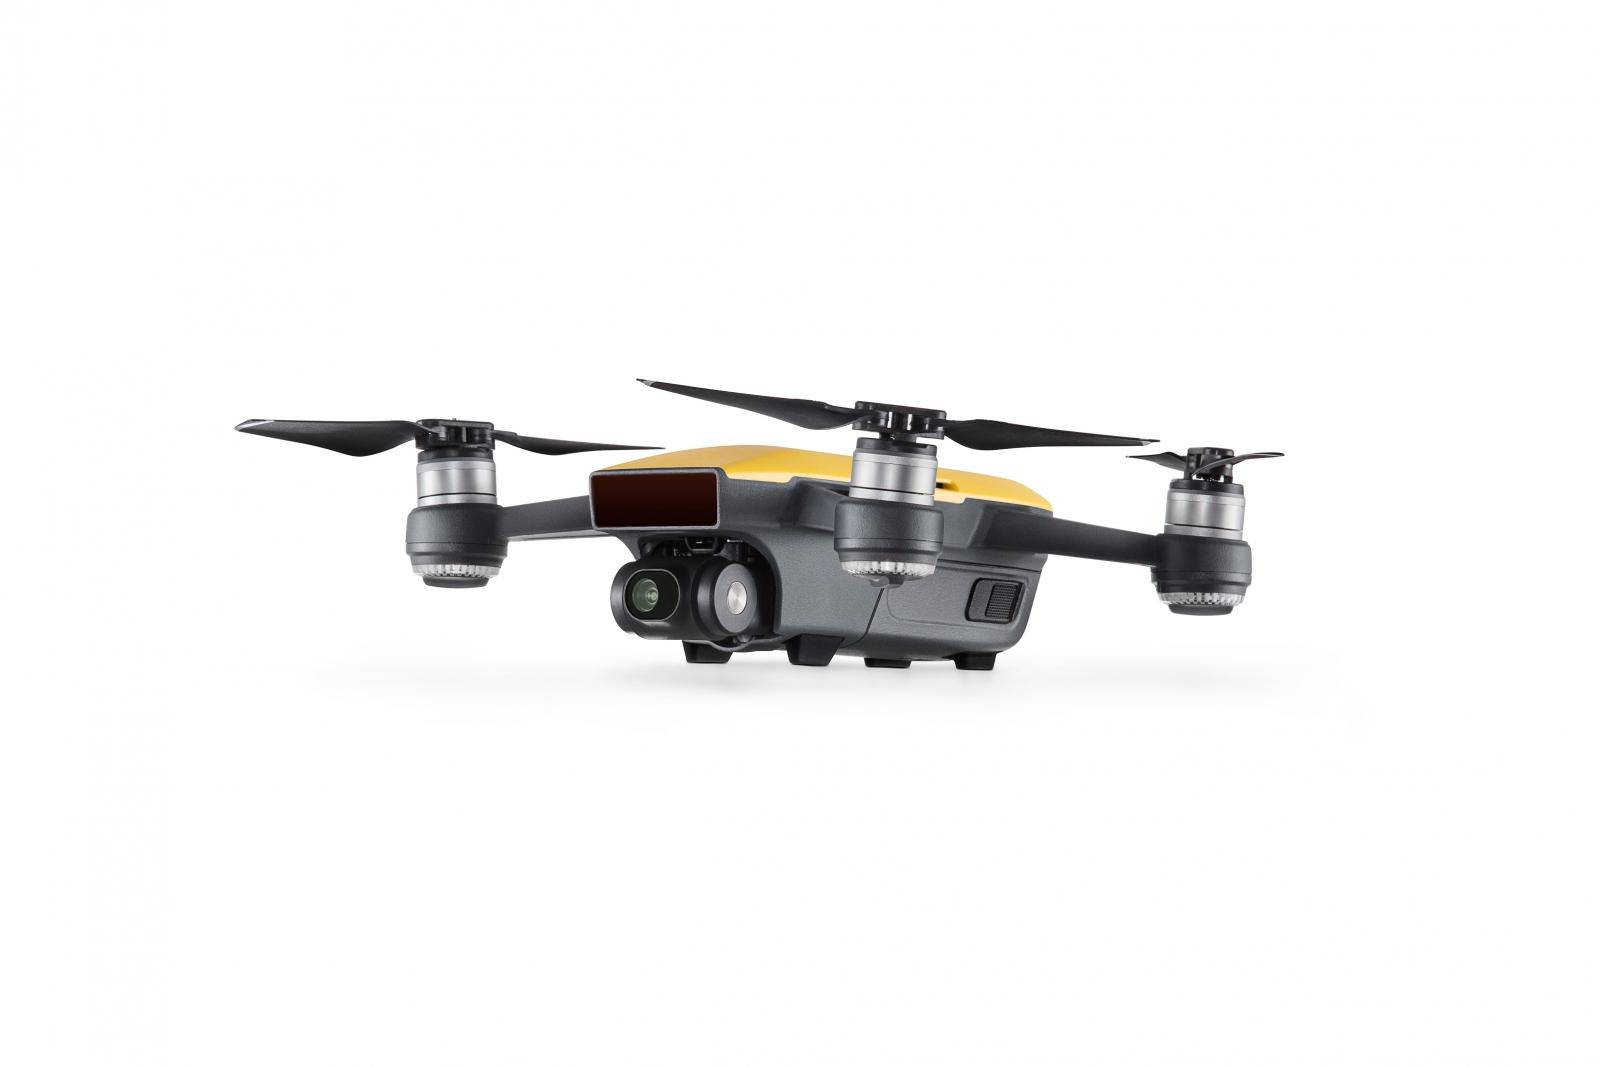 DJI Spark drone in yellow